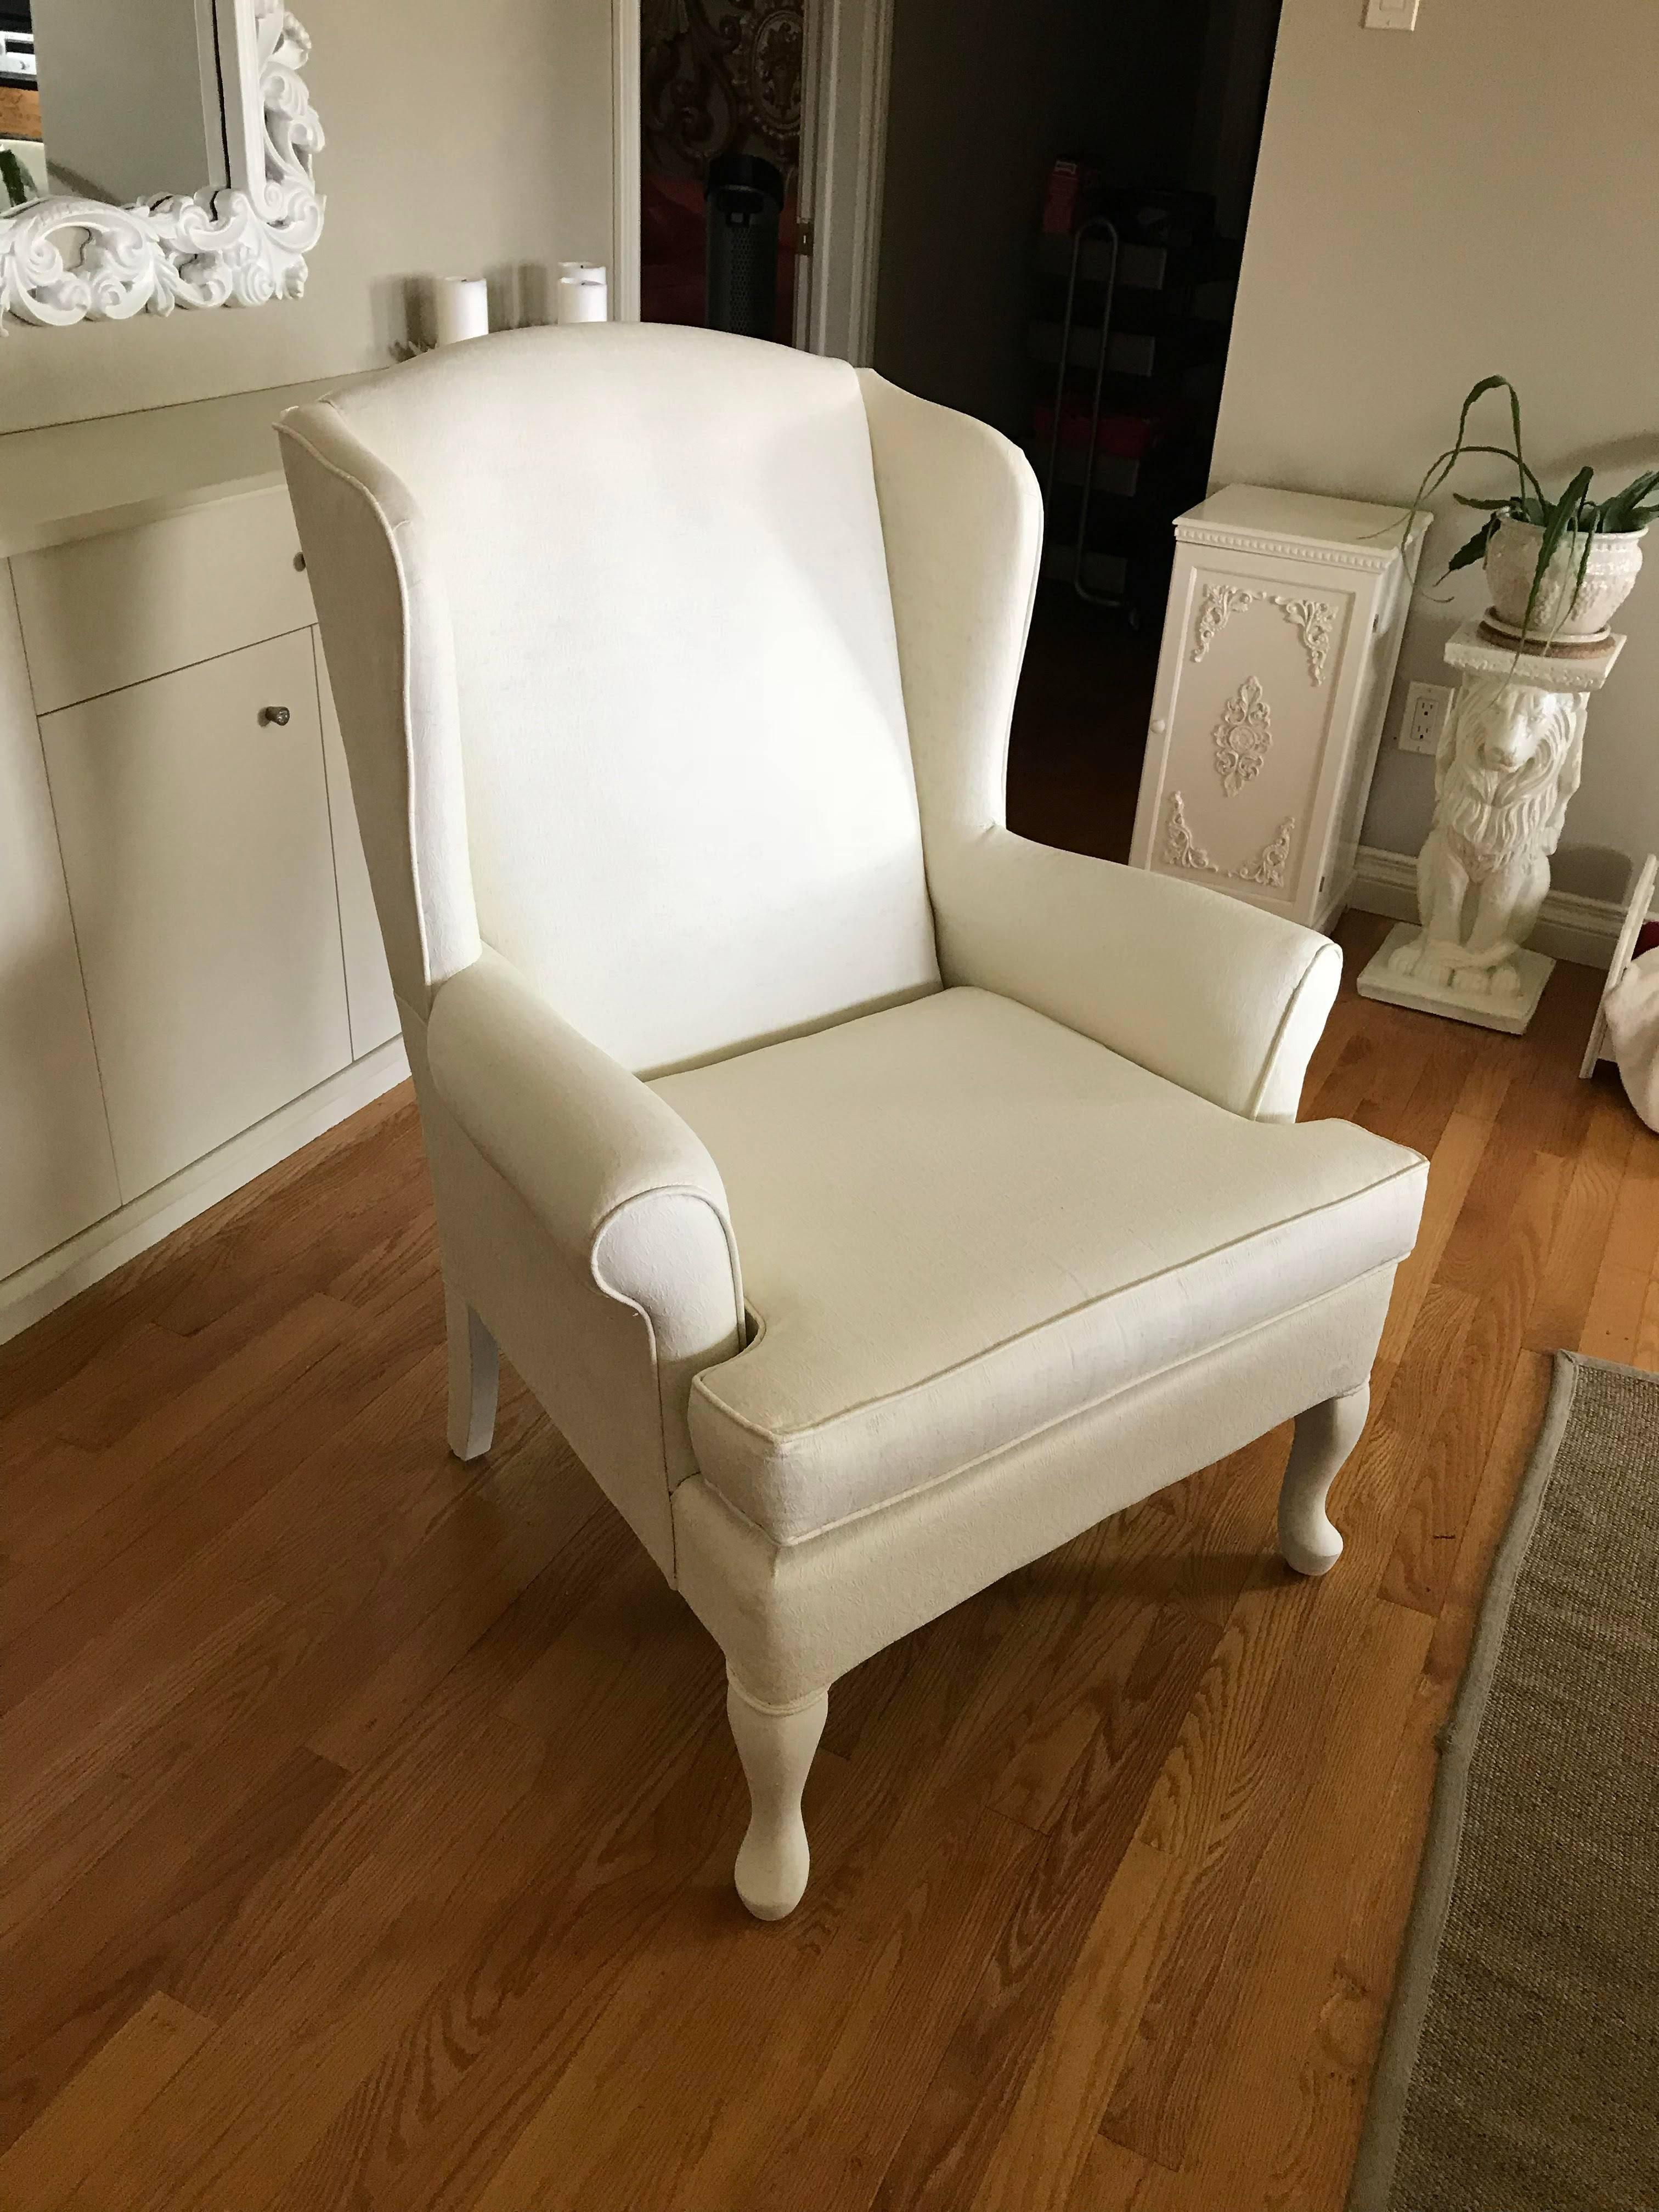 Old White tissu peint